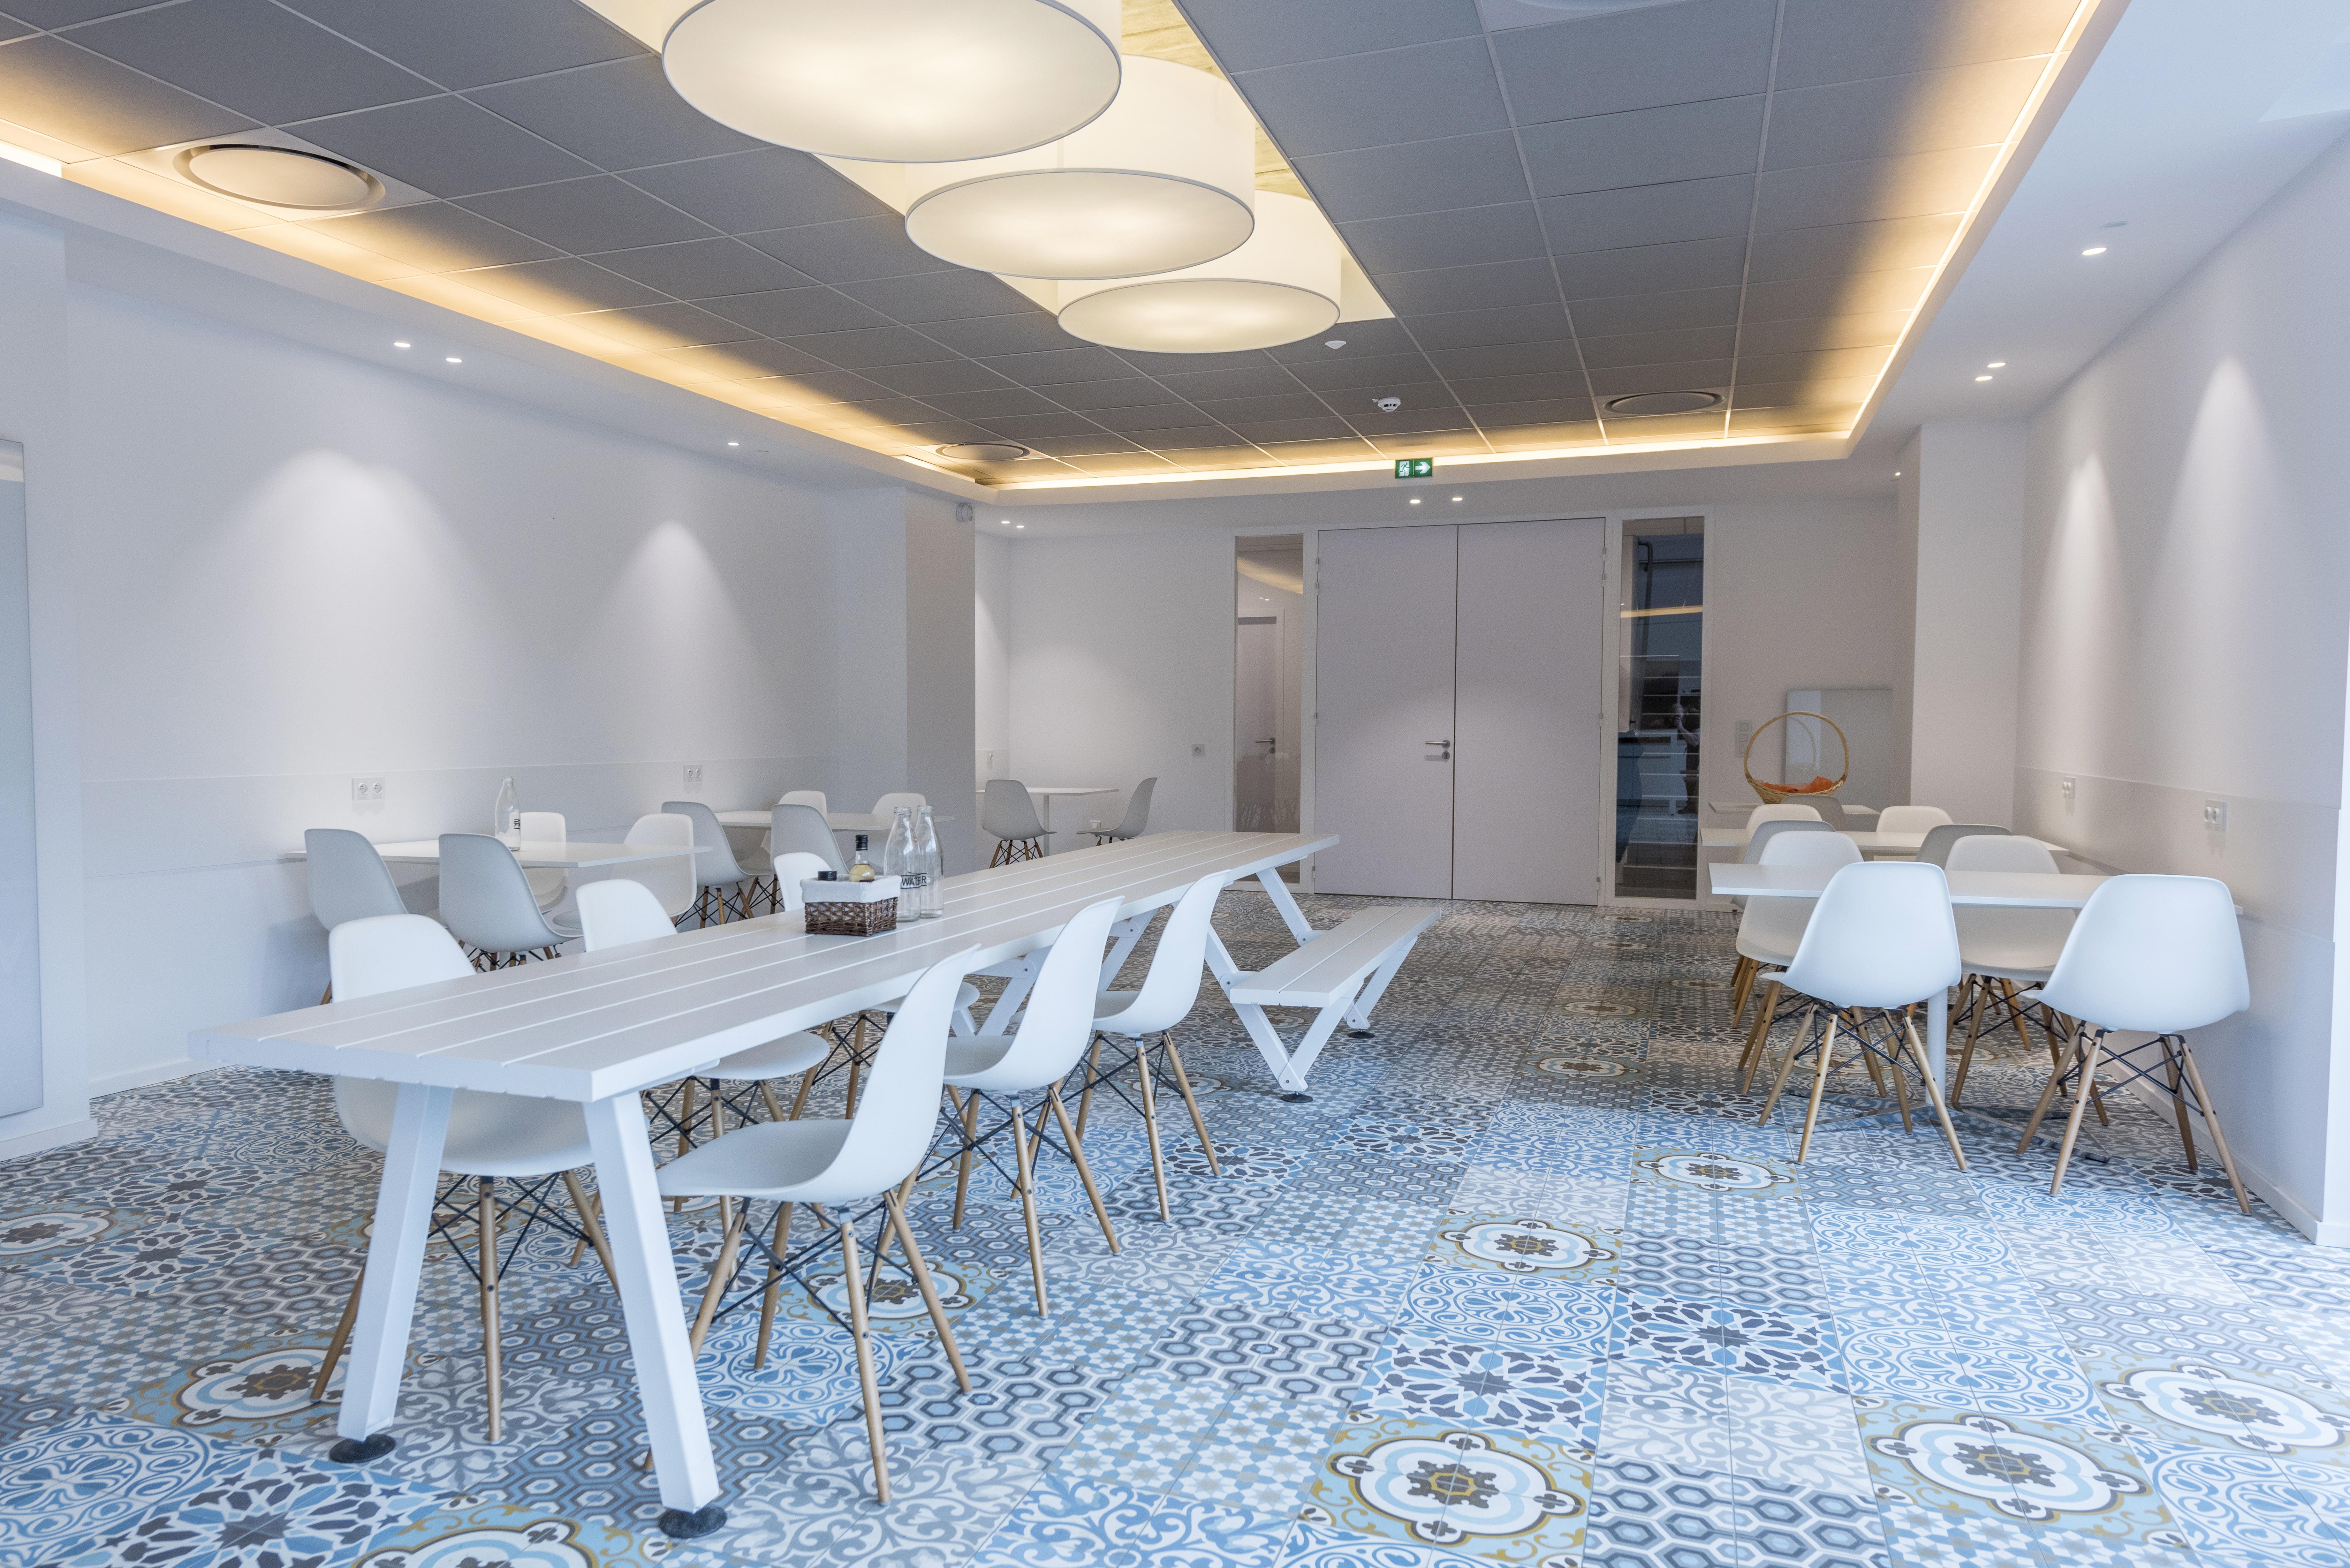 Architecte D Intérieur Lille guillaume dasilva - architecture d'intérieur et design du